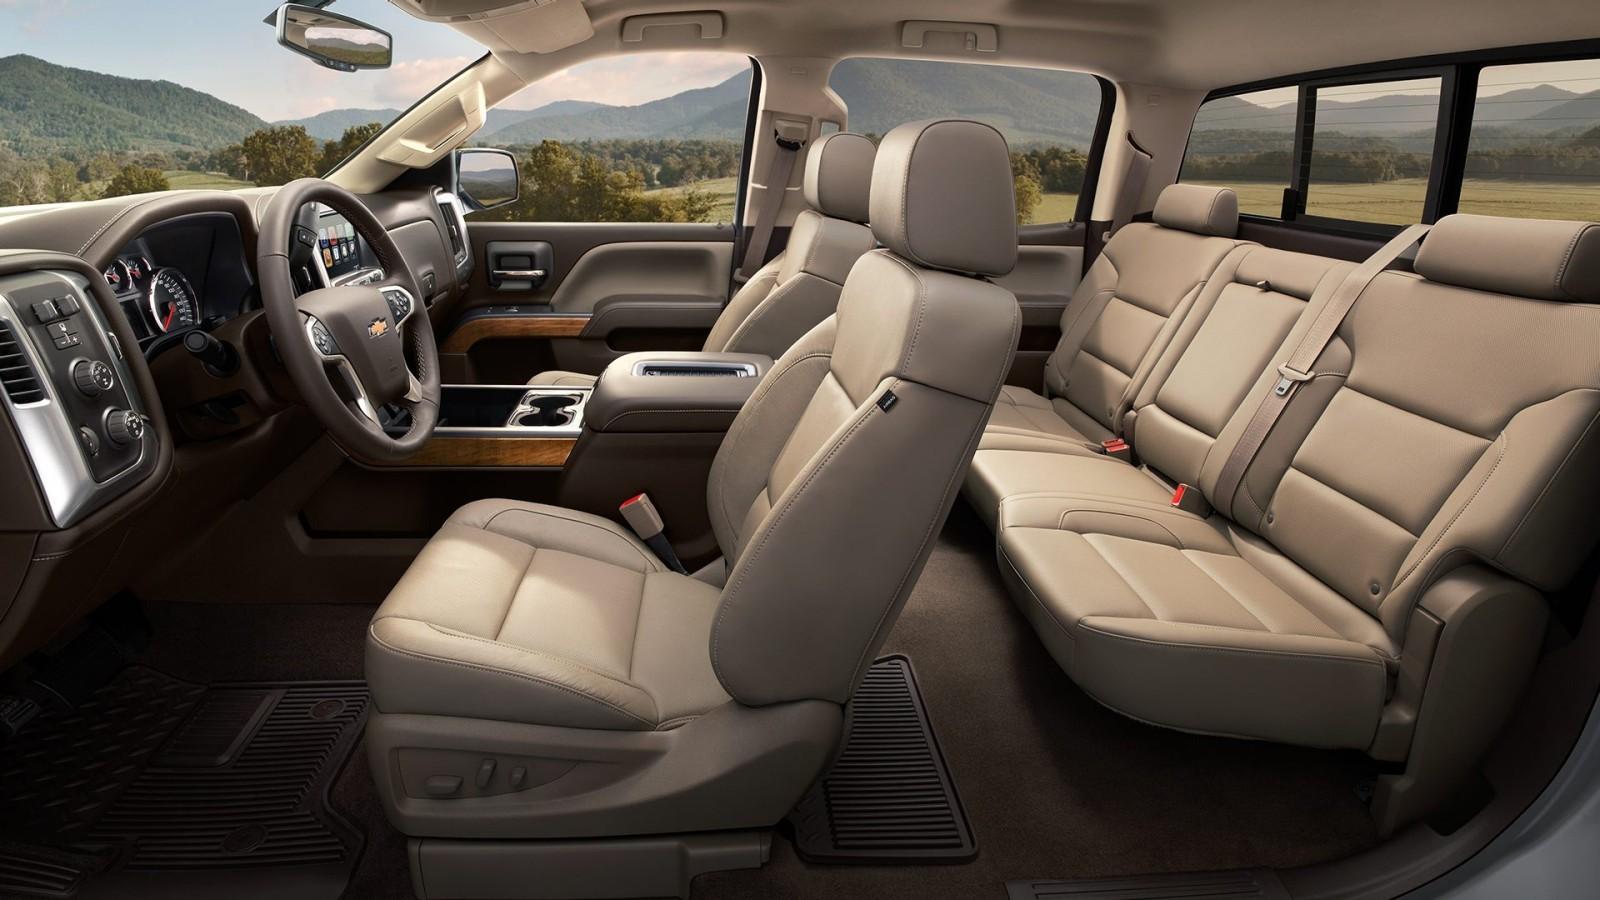 hight resolution of 2016 silverado 1500 interior